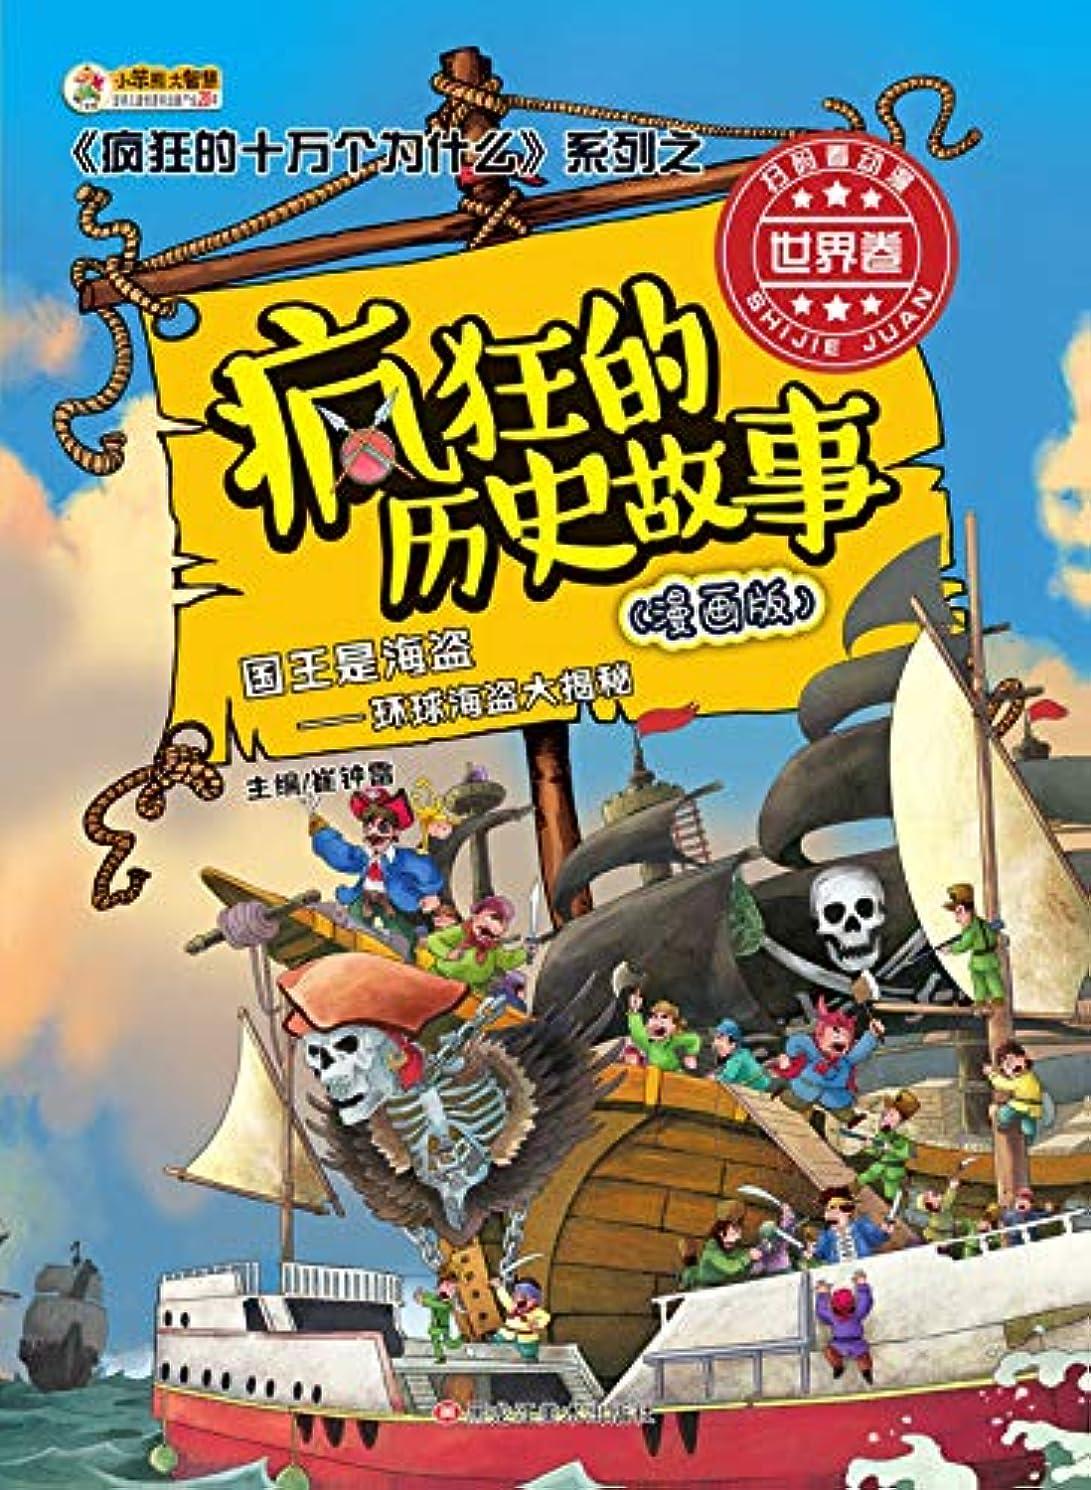 疯狂的历史故事:漫画版 国王是海盗:环球海盗大起底 (Chinese Edition)